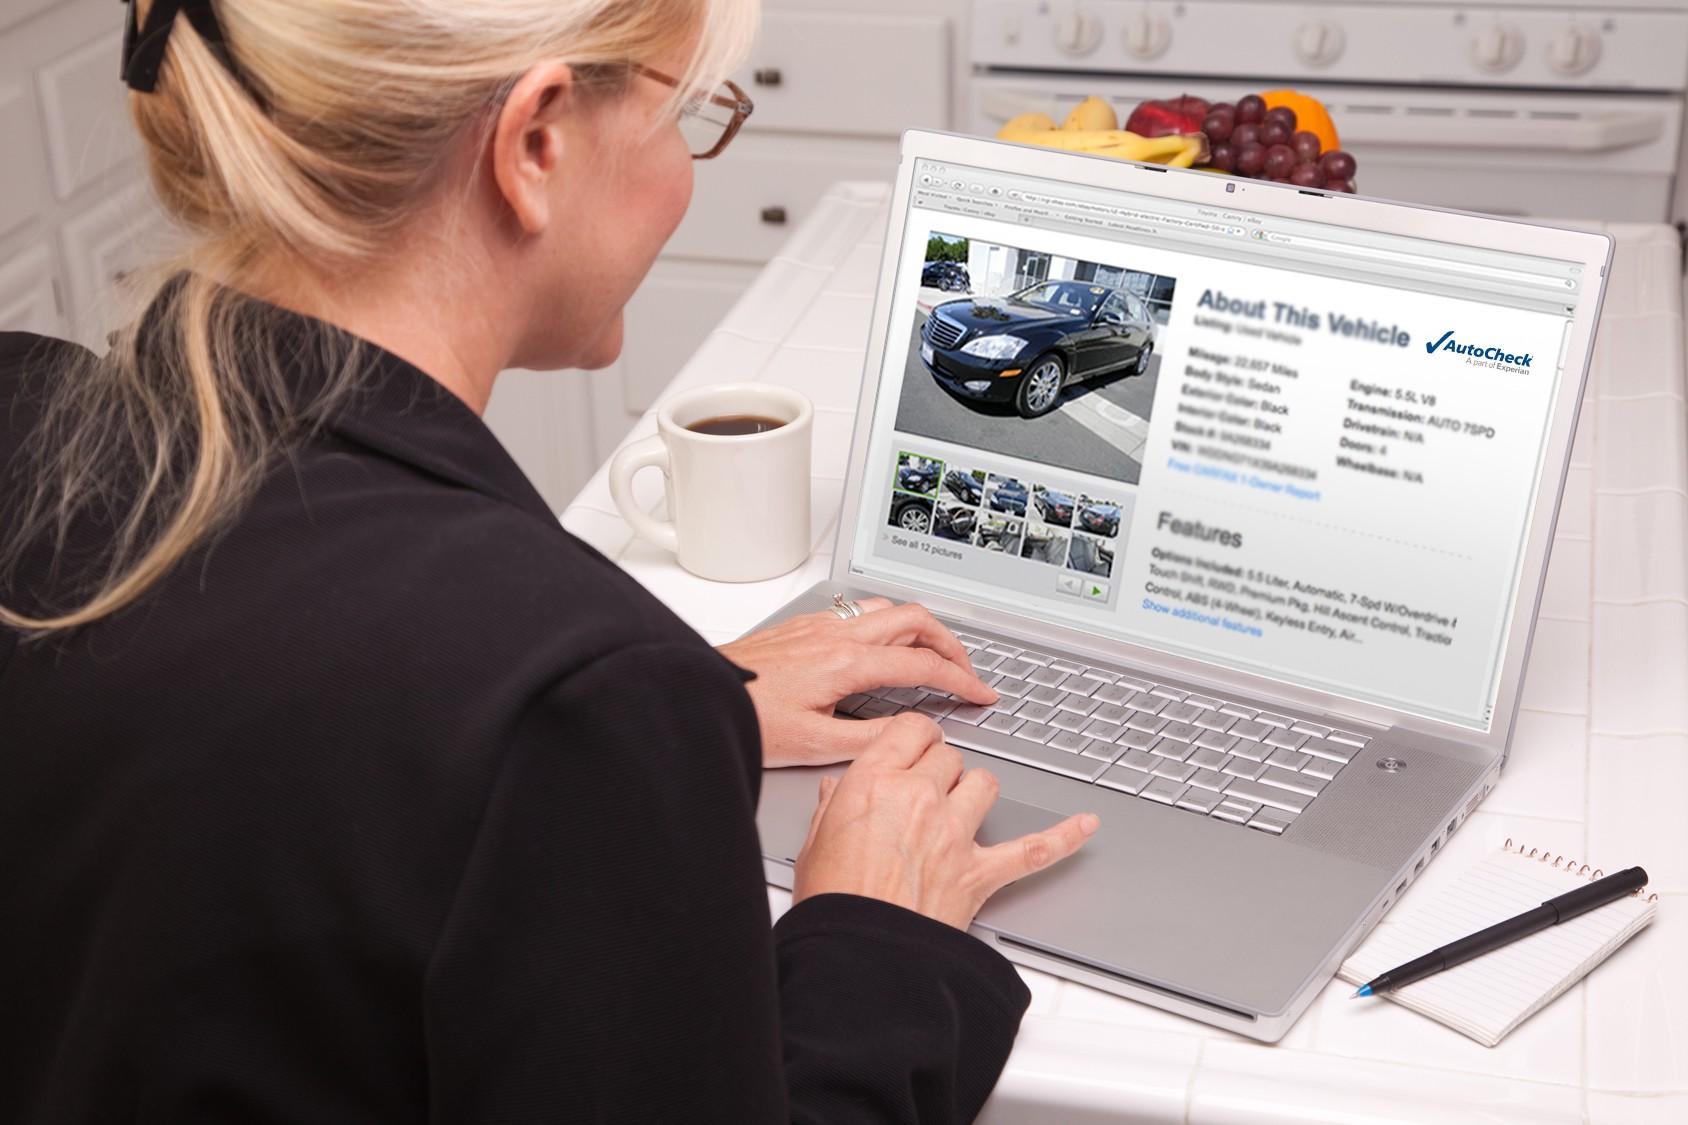 Женщина выбирает авто в интернете